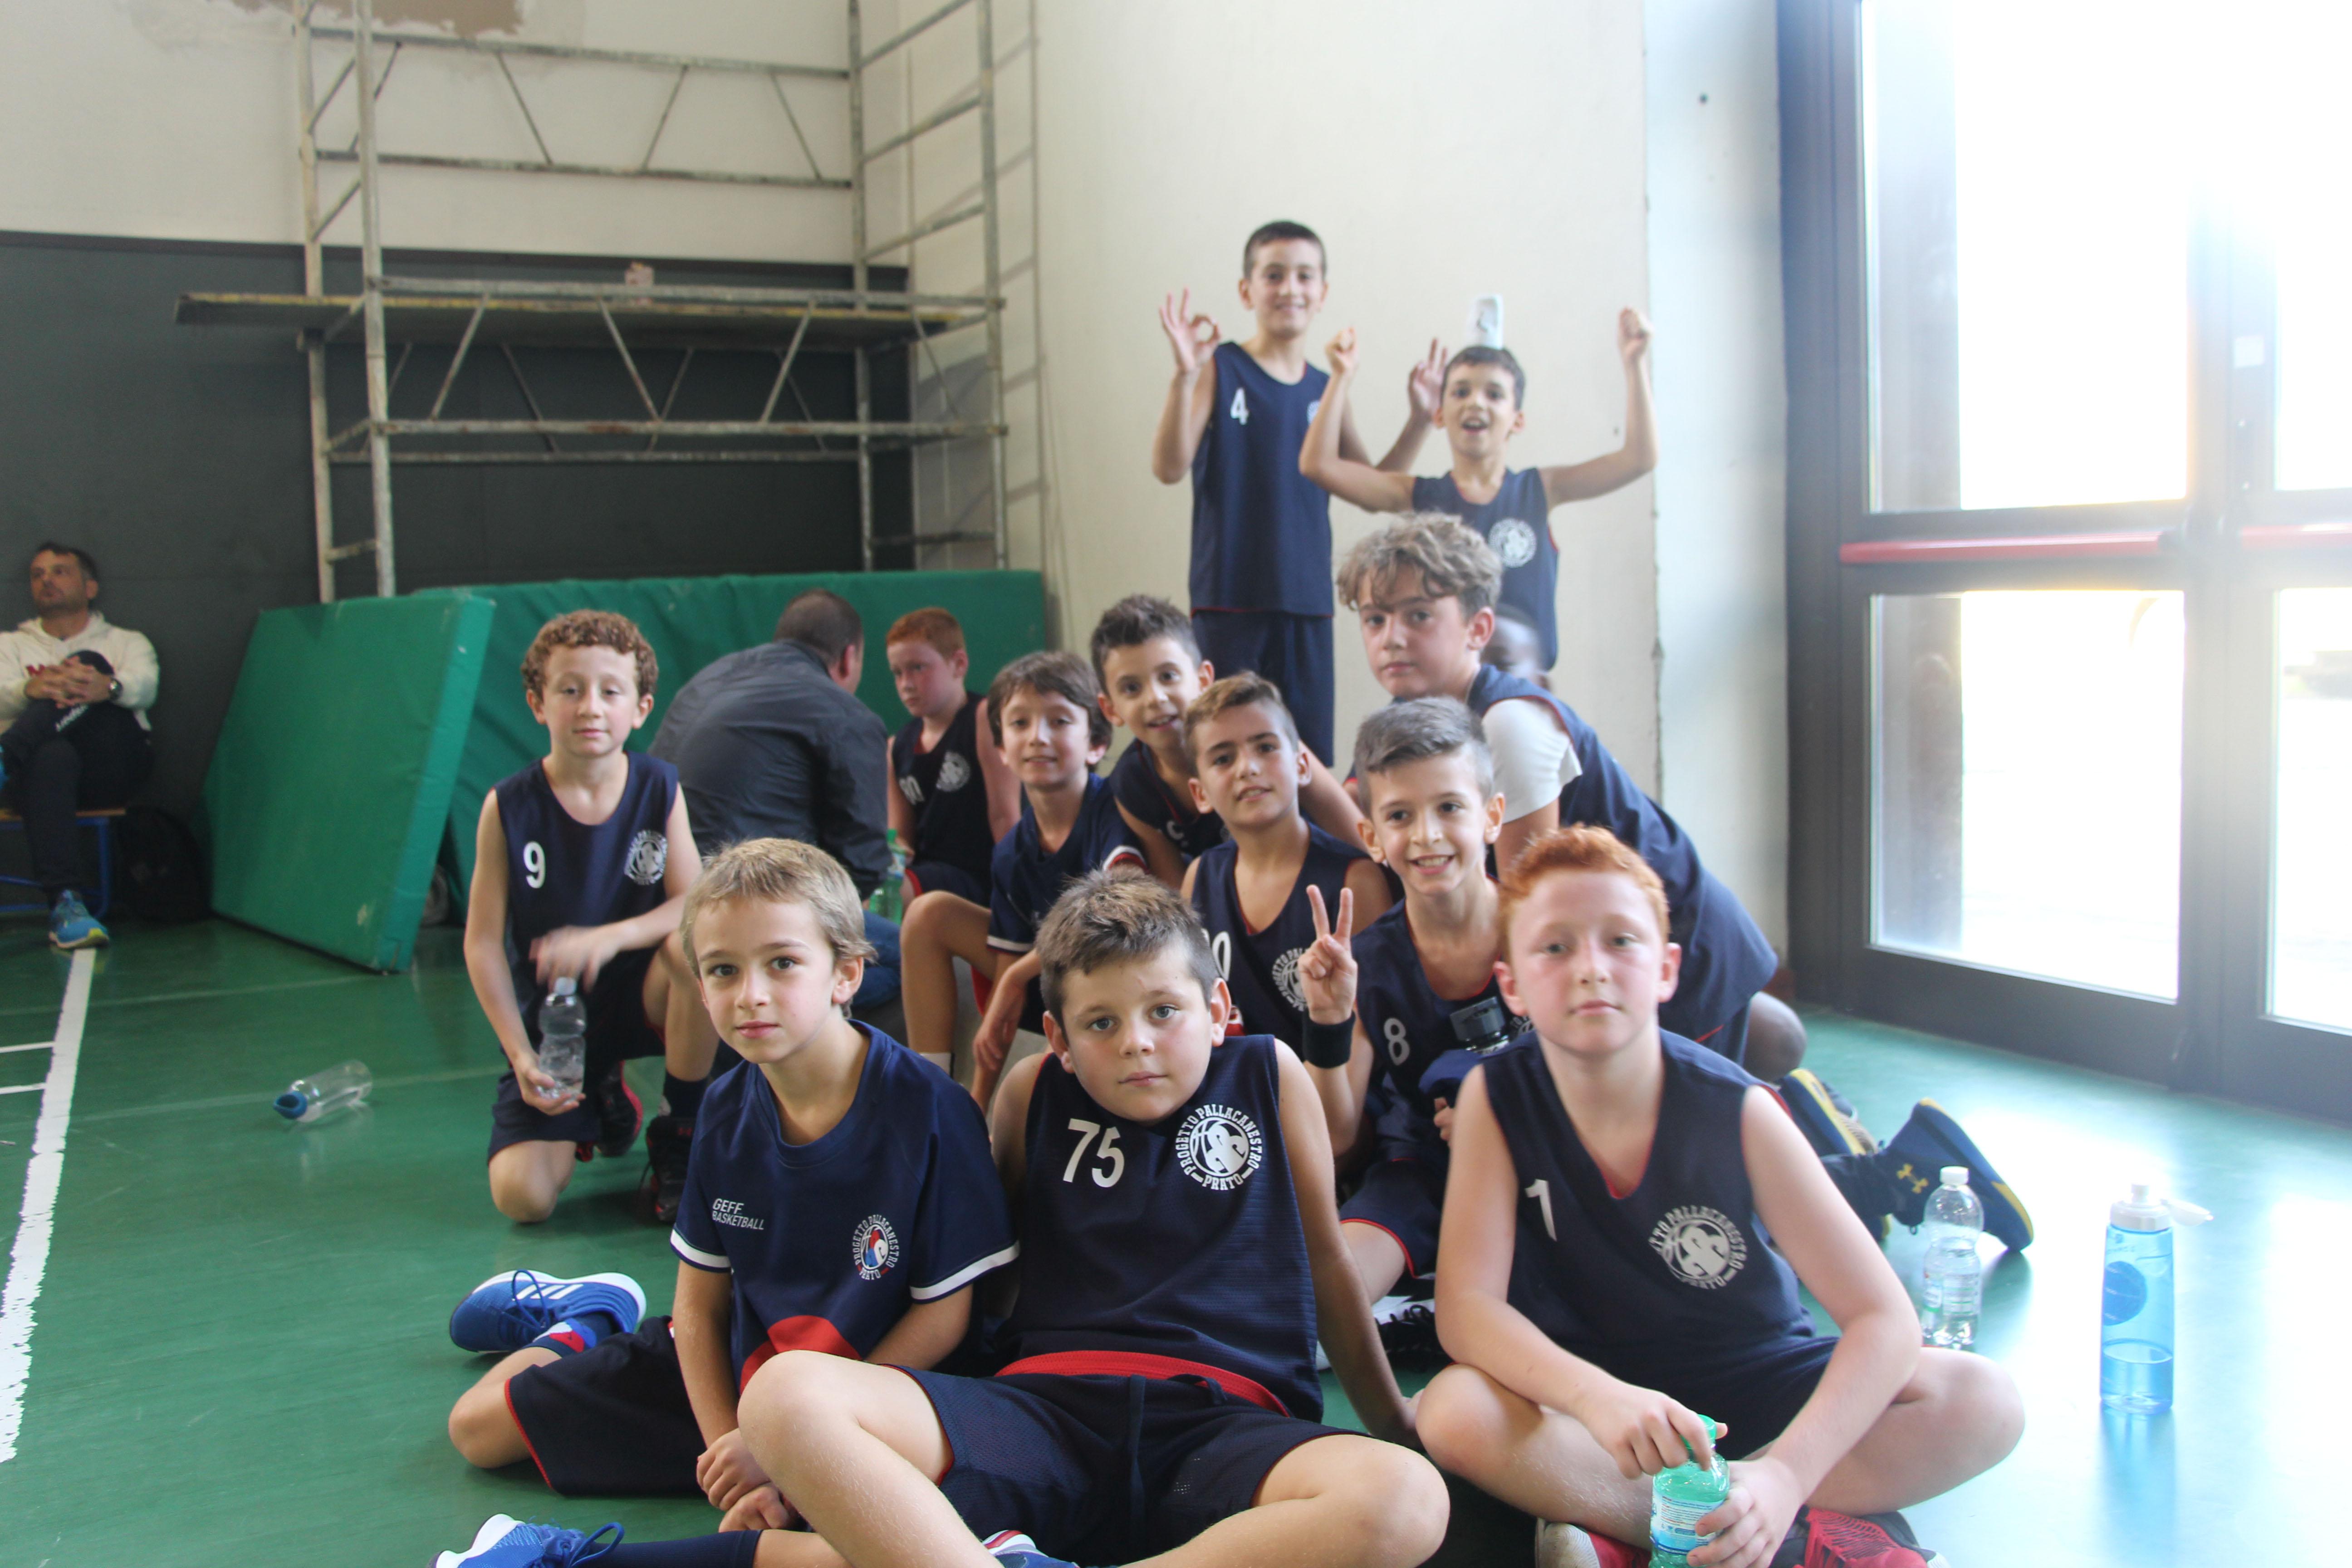 Aquilotti2010_torneo_20_10_2019_b